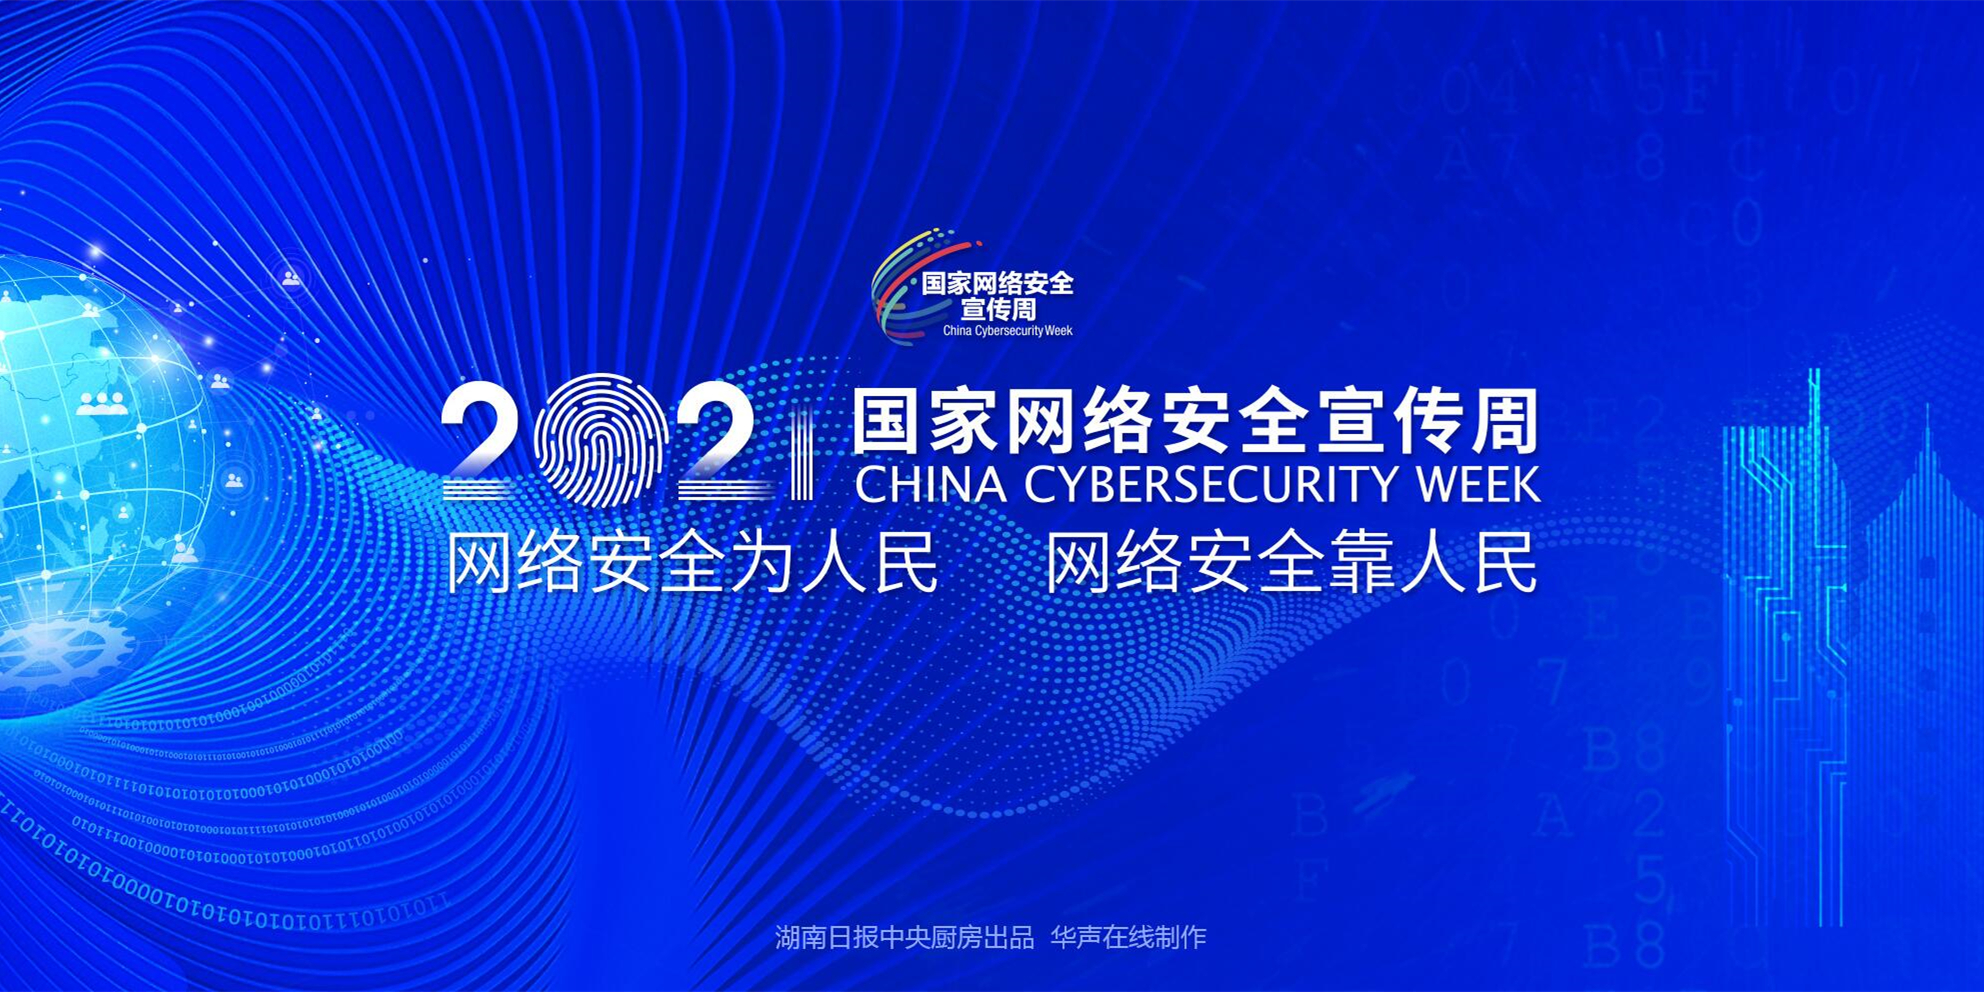 【专题】2021国家网络安全宣传周